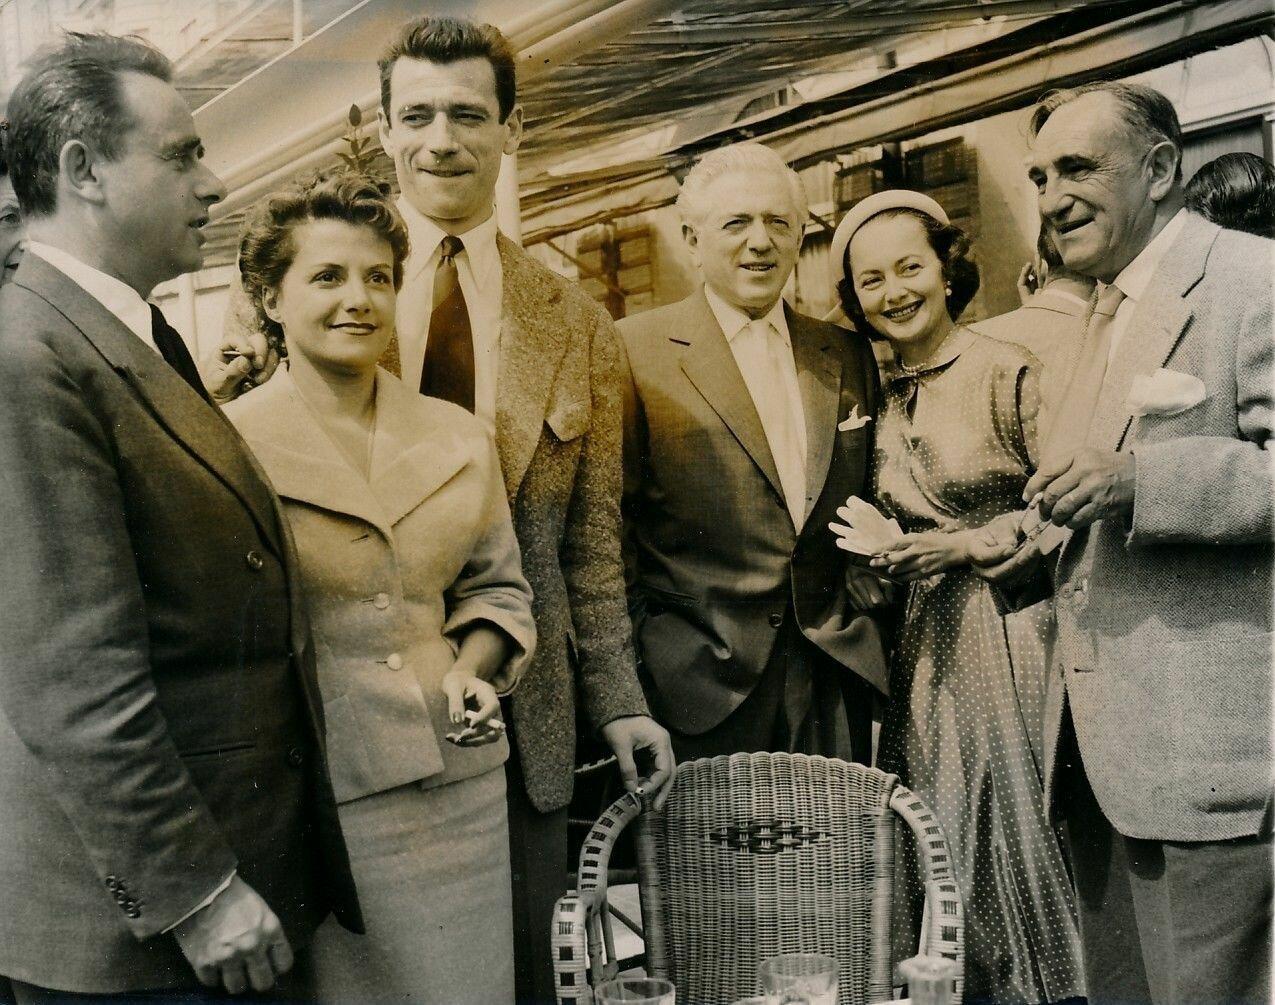 1953. Клузо с женой, Ив Монтан, Анатаоль Литвак, Оливия де Хавиленд и Шарль Ванель на Каннском фестивале